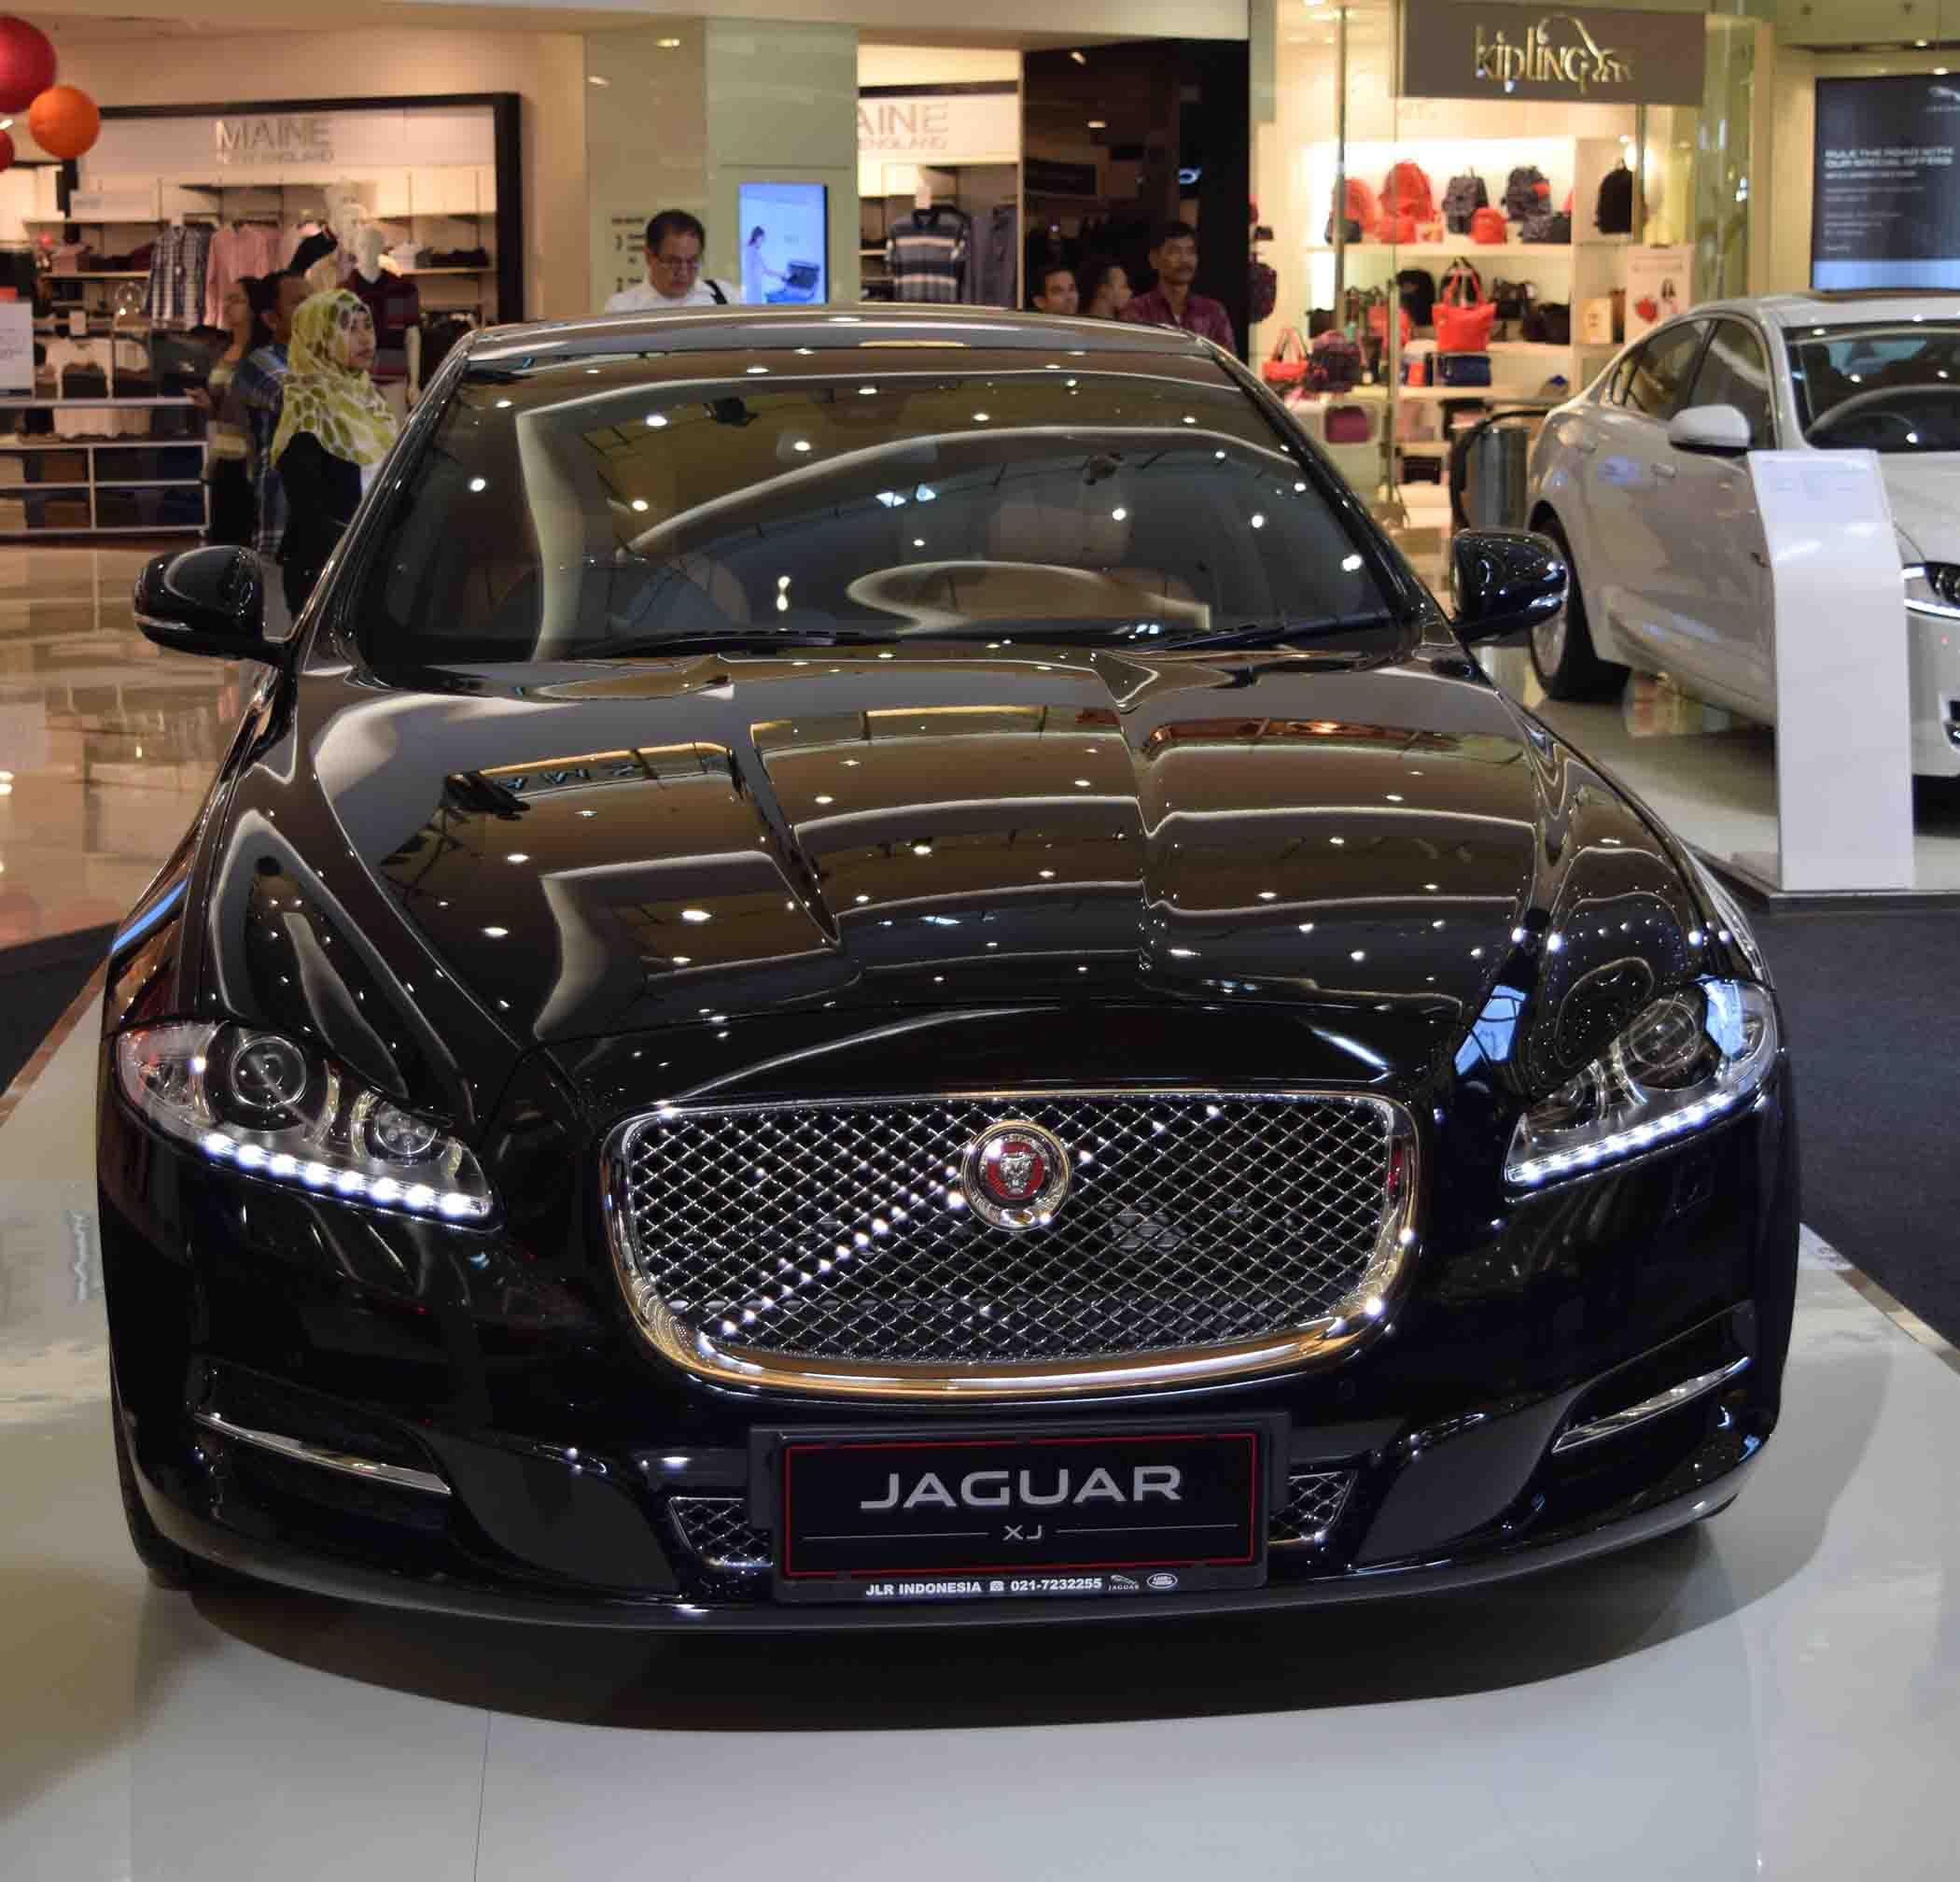 Ct Jaguar Dealers: Foto Mobil Sedan Jaguar Terbaru Dan Terkeren